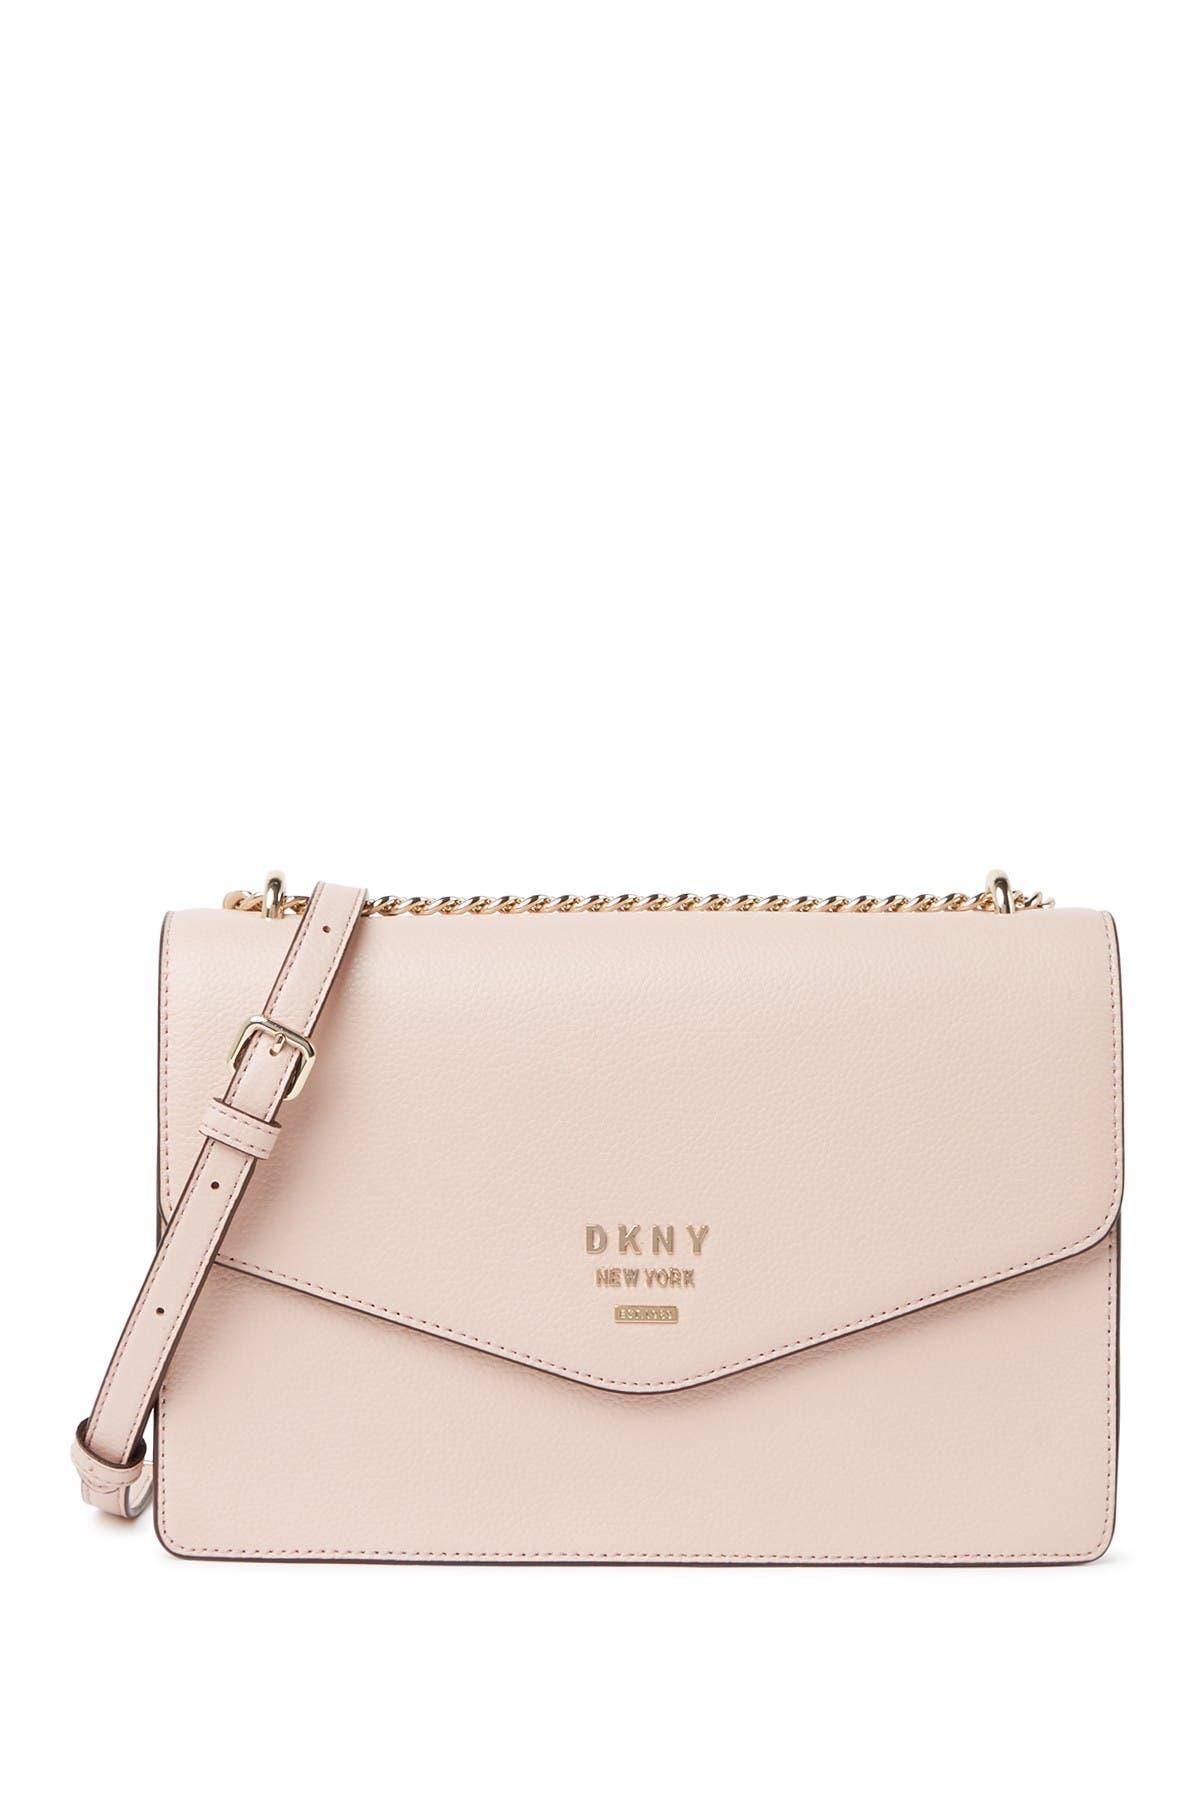 Image of DKNY Whitney Shoulder Bag